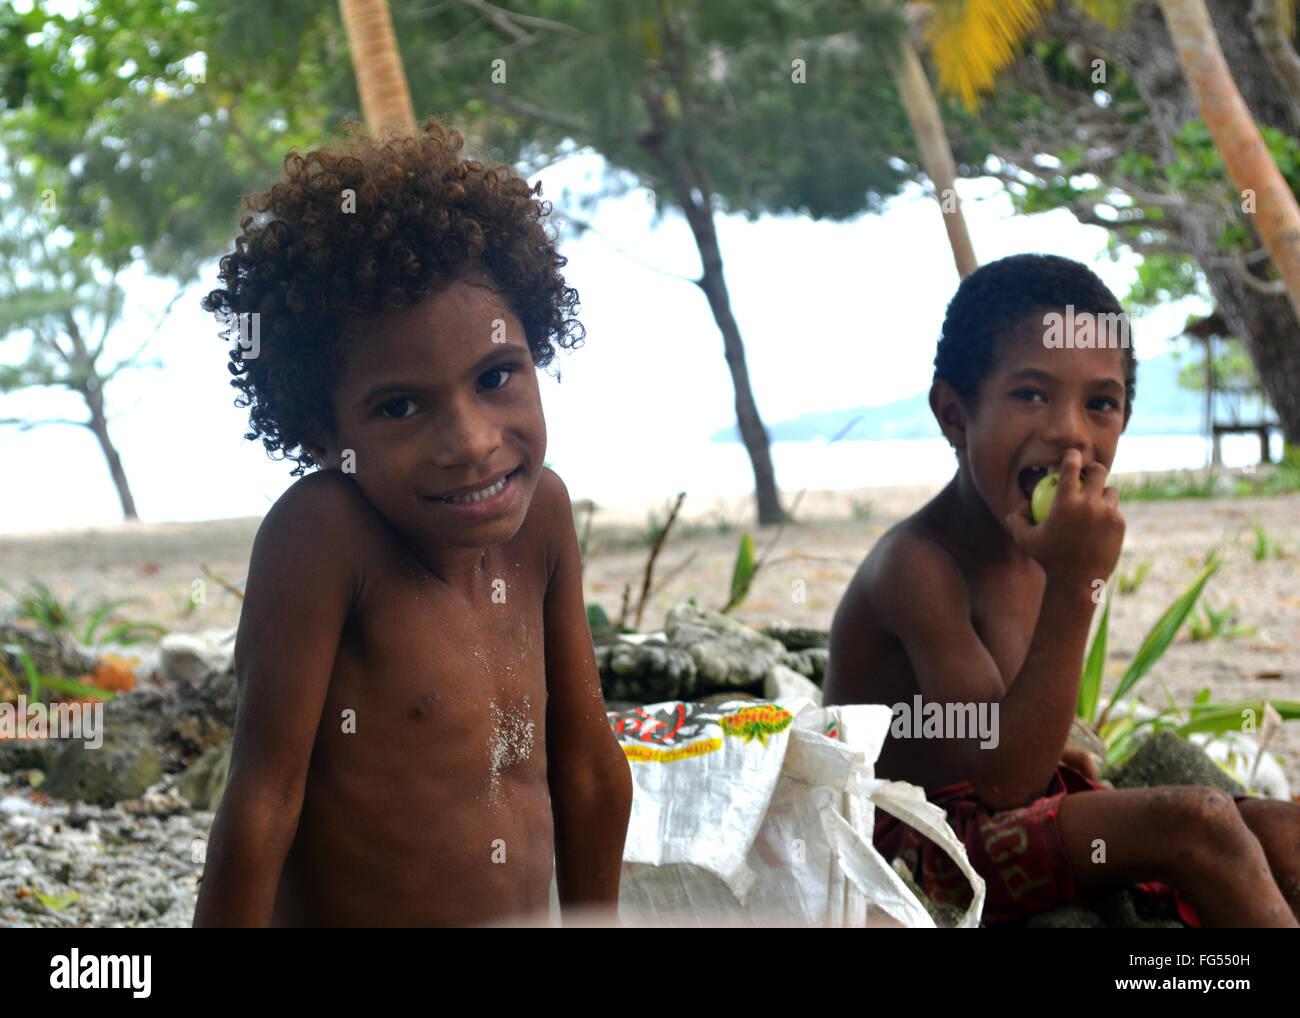 island kids in Milne Bay - Stock Image